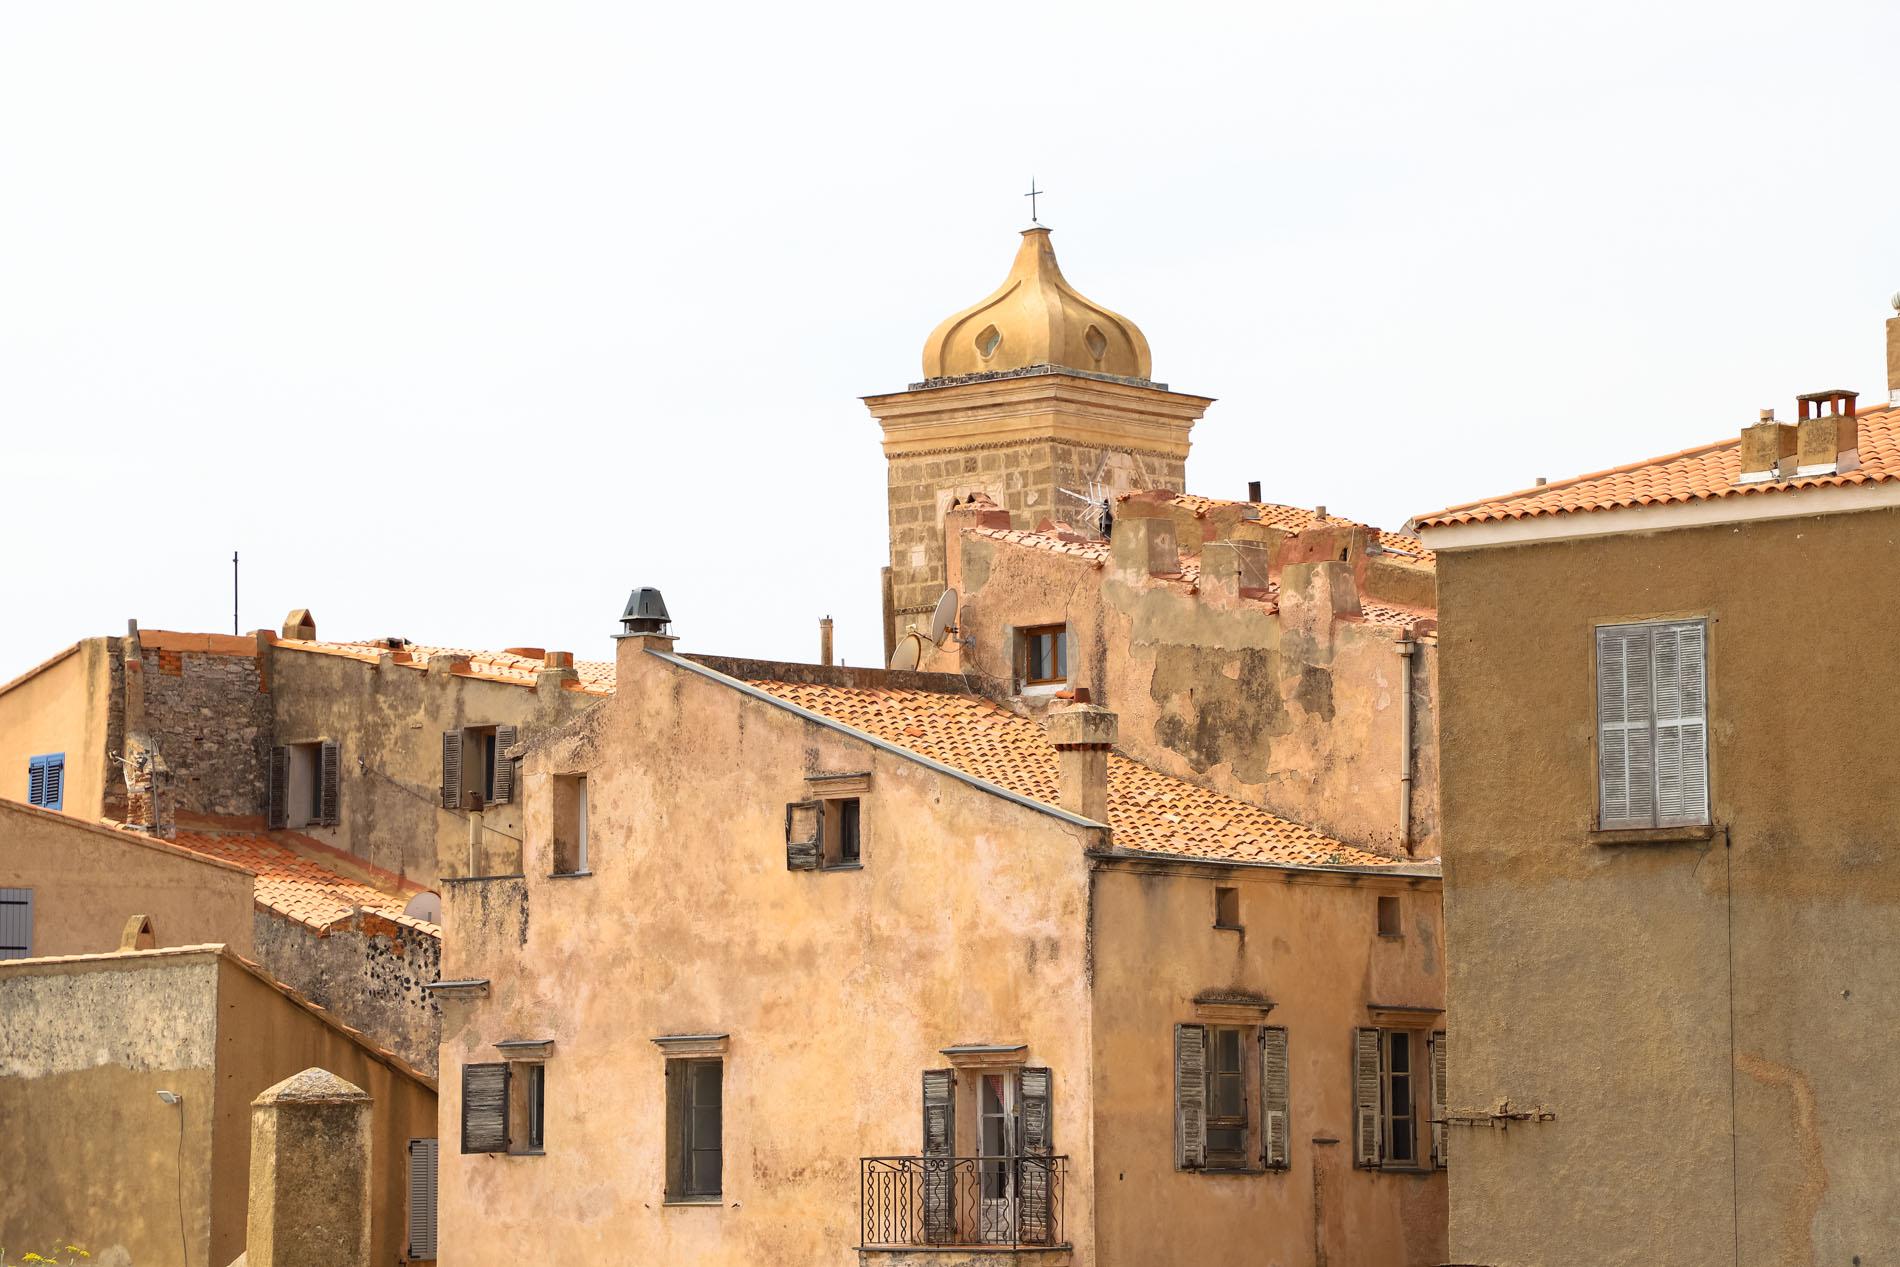 Vieille-Ville-de-Bonifacio-Corse-du-Sud